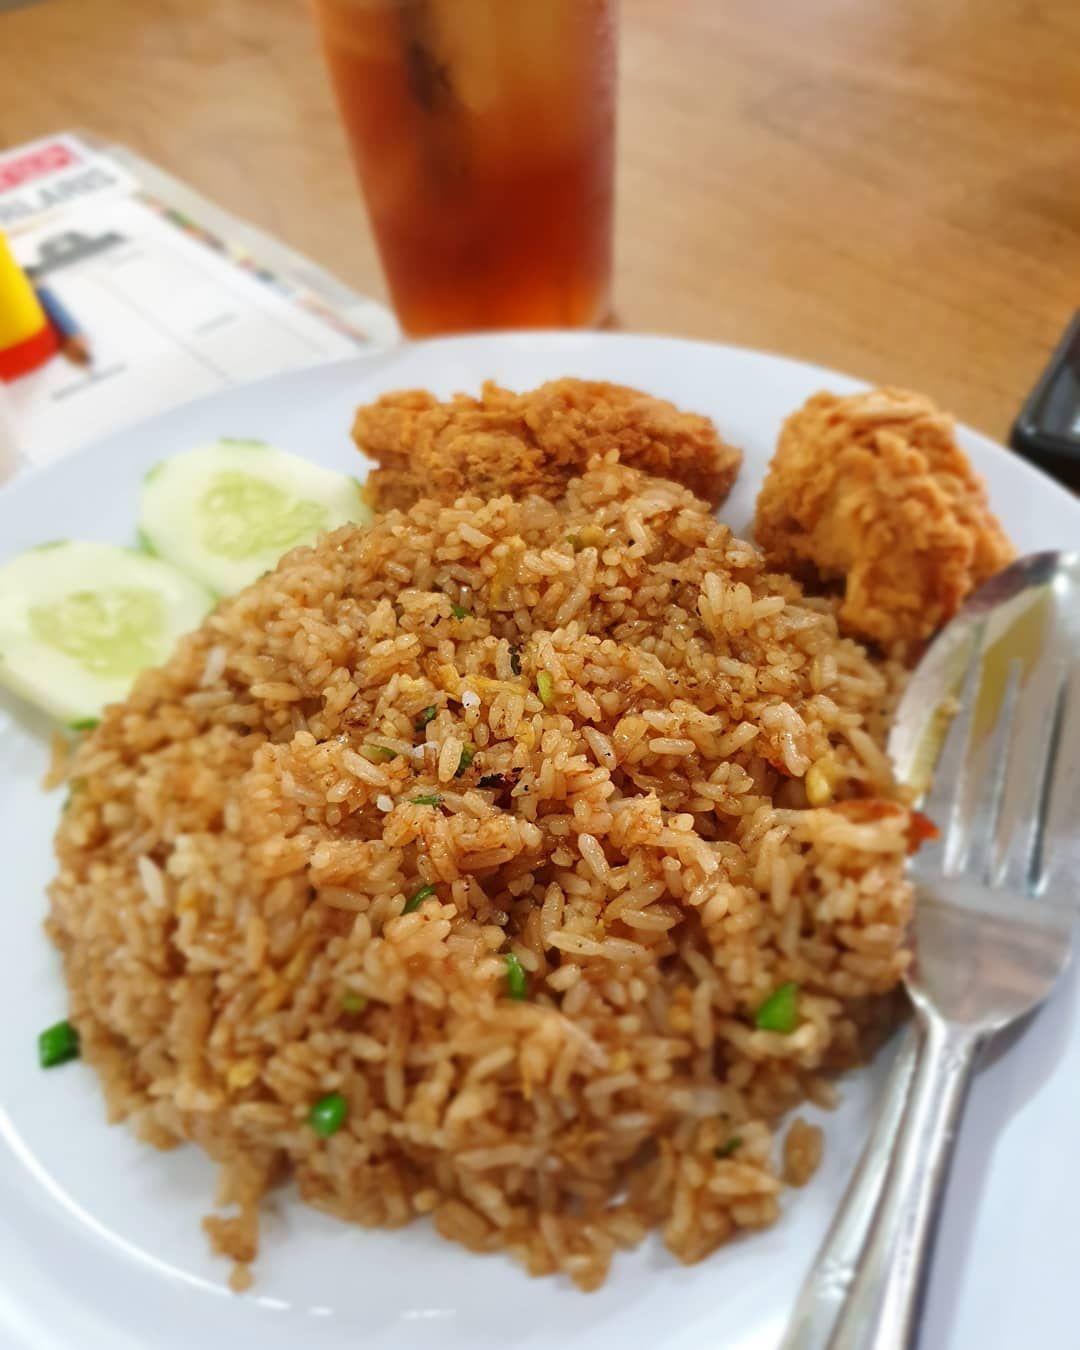 New The 10 Best Recipes With Pictures Best Seller Nya Pahe Paket Hemat Nih Solusi Makan Enak Disaat Dompet Menipis P Makanan Teh Manis Makanan Enak